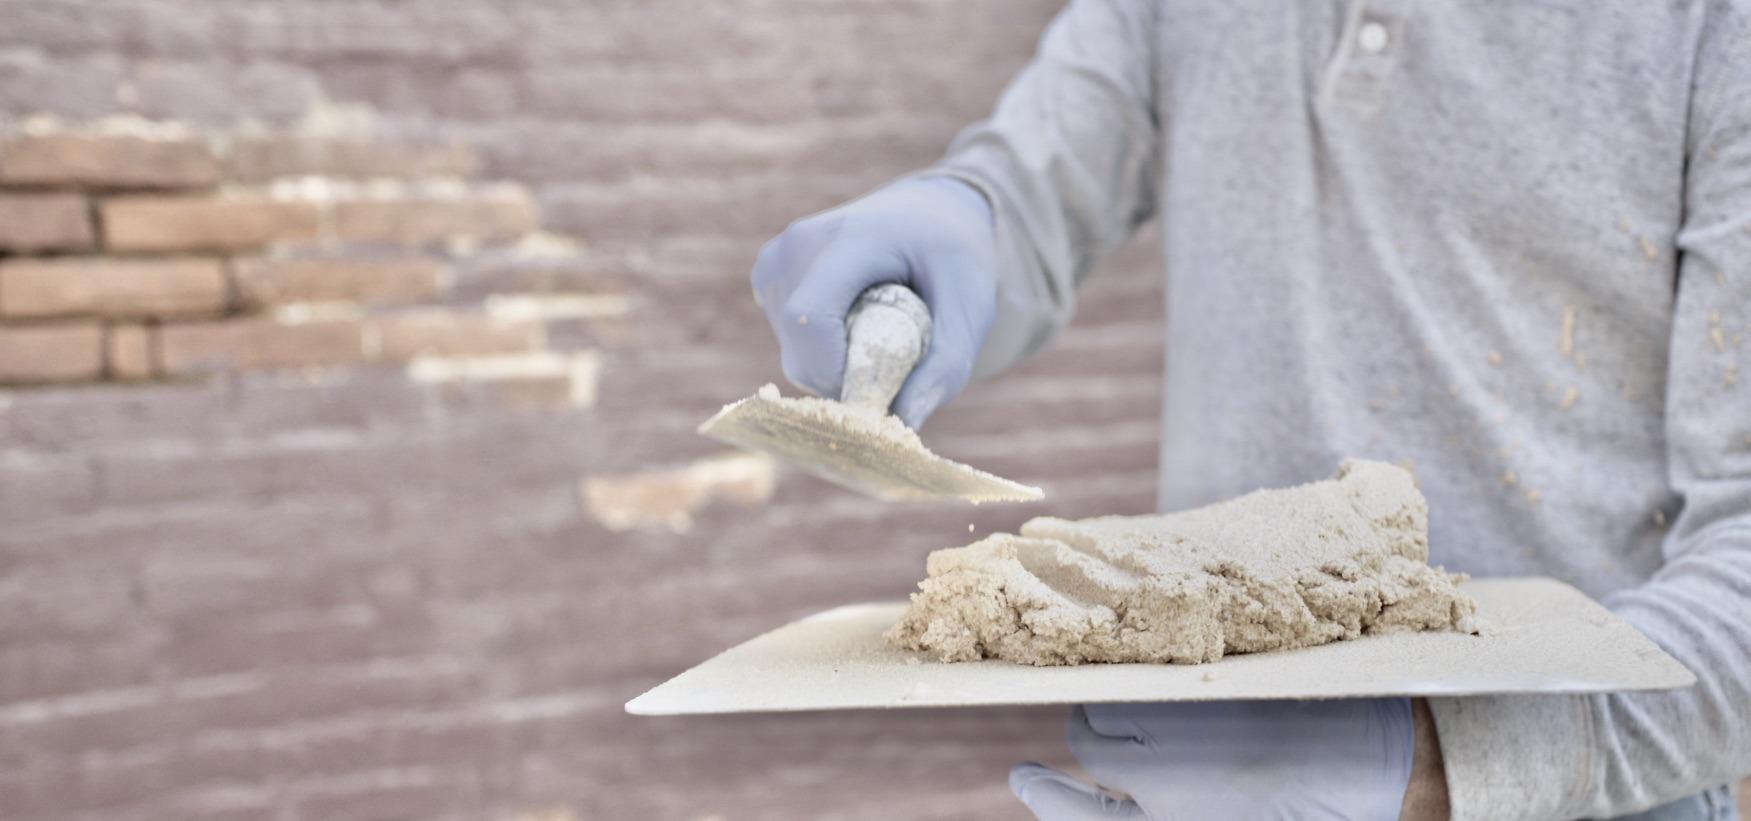 Grassello Di Calce E Sabbia Fatto Da Banca Della Calce